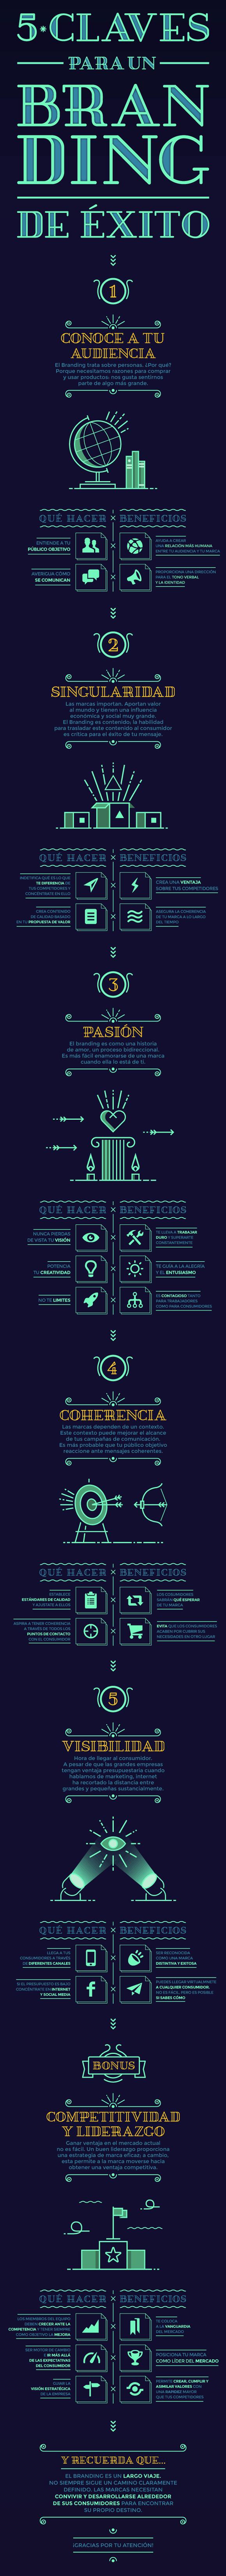 5-Claves-para-un-Branding-exitoso-infografia